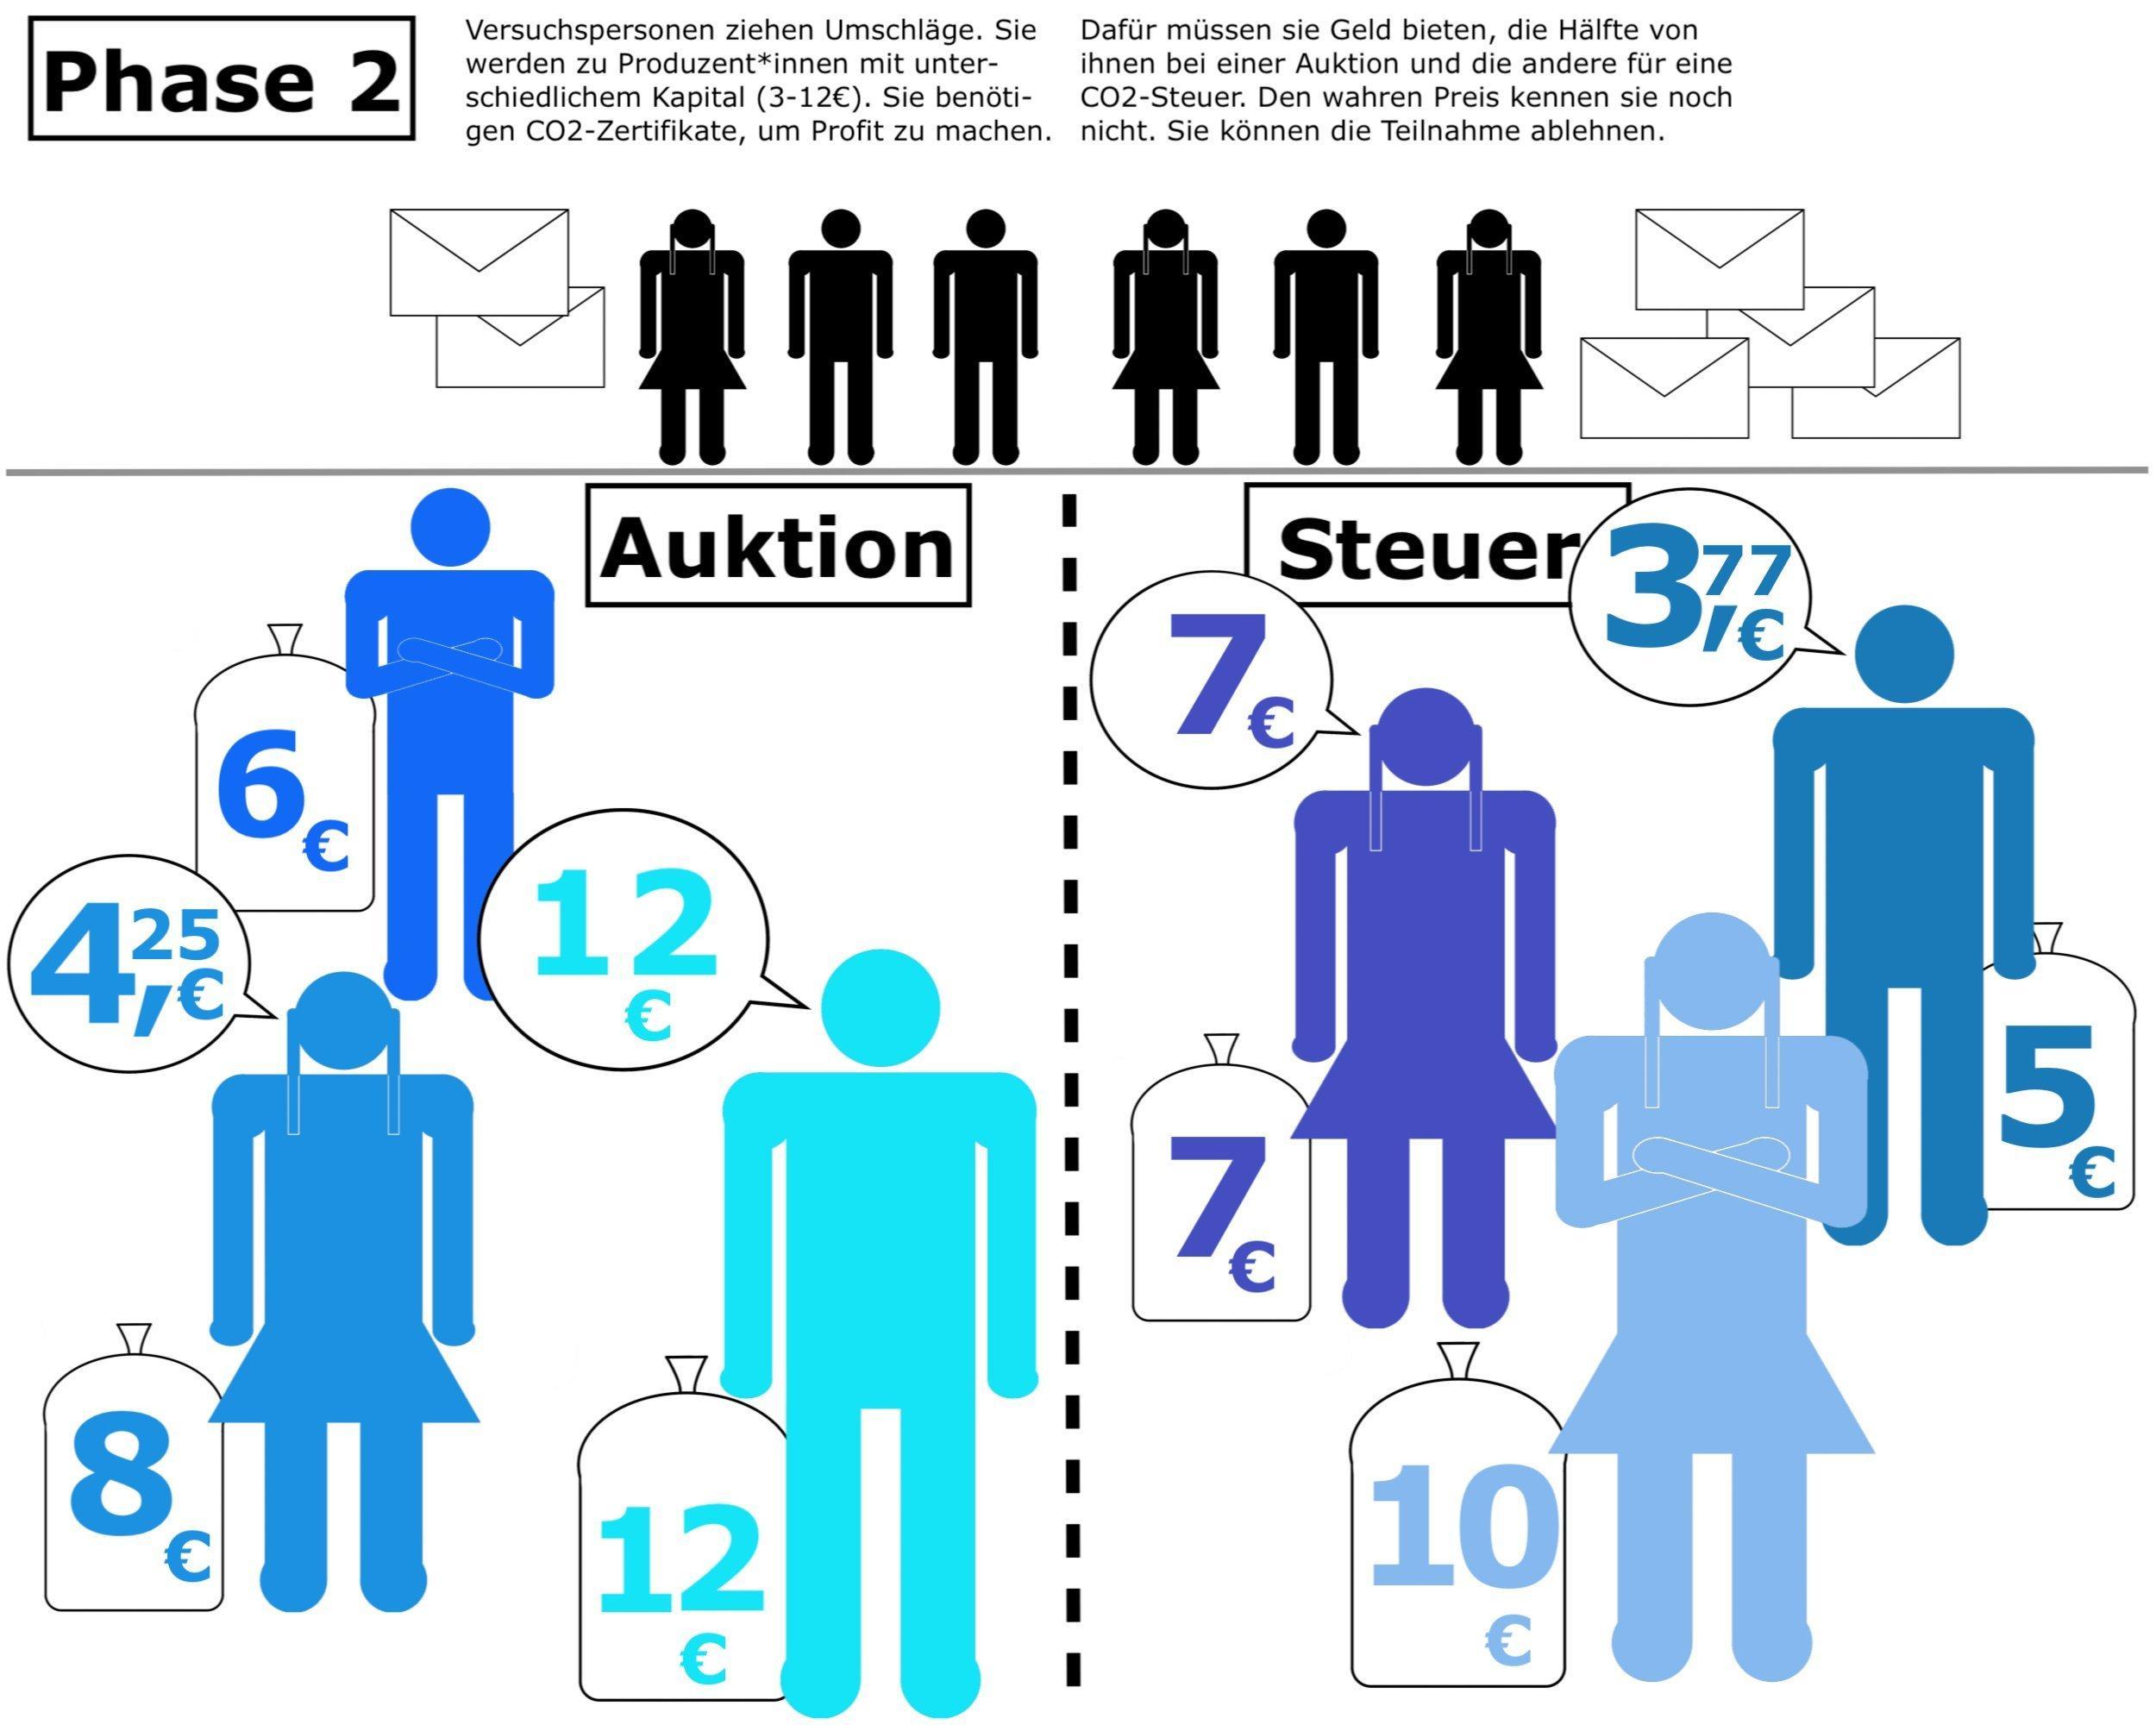 Eine Grafik erklärt die Phase 2des Kölner Experiments: Versuchspersonen ziehen Umschläge und werden so zu Produzent*innen fiktiver Waren. Dafür müssen Sie CO2-Zertifikate kaufen, sonst können sie keinen Profit machen. Sie bekommen Kapital zwischen 3und 12Euro zugeteilt und müssen das Zertifikat entweder bei einer Auktion ersteigern oder in einem Festpreissystem erwerben. Sie kennen aber die Preise noch nicht und bieten darum, was sie maximal bezahlen wollen. Auf der Grafik sind Piktogramme von Männern und Frauen in verschiedenen Blautönen zu sehen. Ein Sack an ihren Füßen zeigt ihr Kapital, eine Sprechblase ihr Gebot. Manche halten die Arme vor der Brust verschränkt und beteiligen sich nicht am Markt.